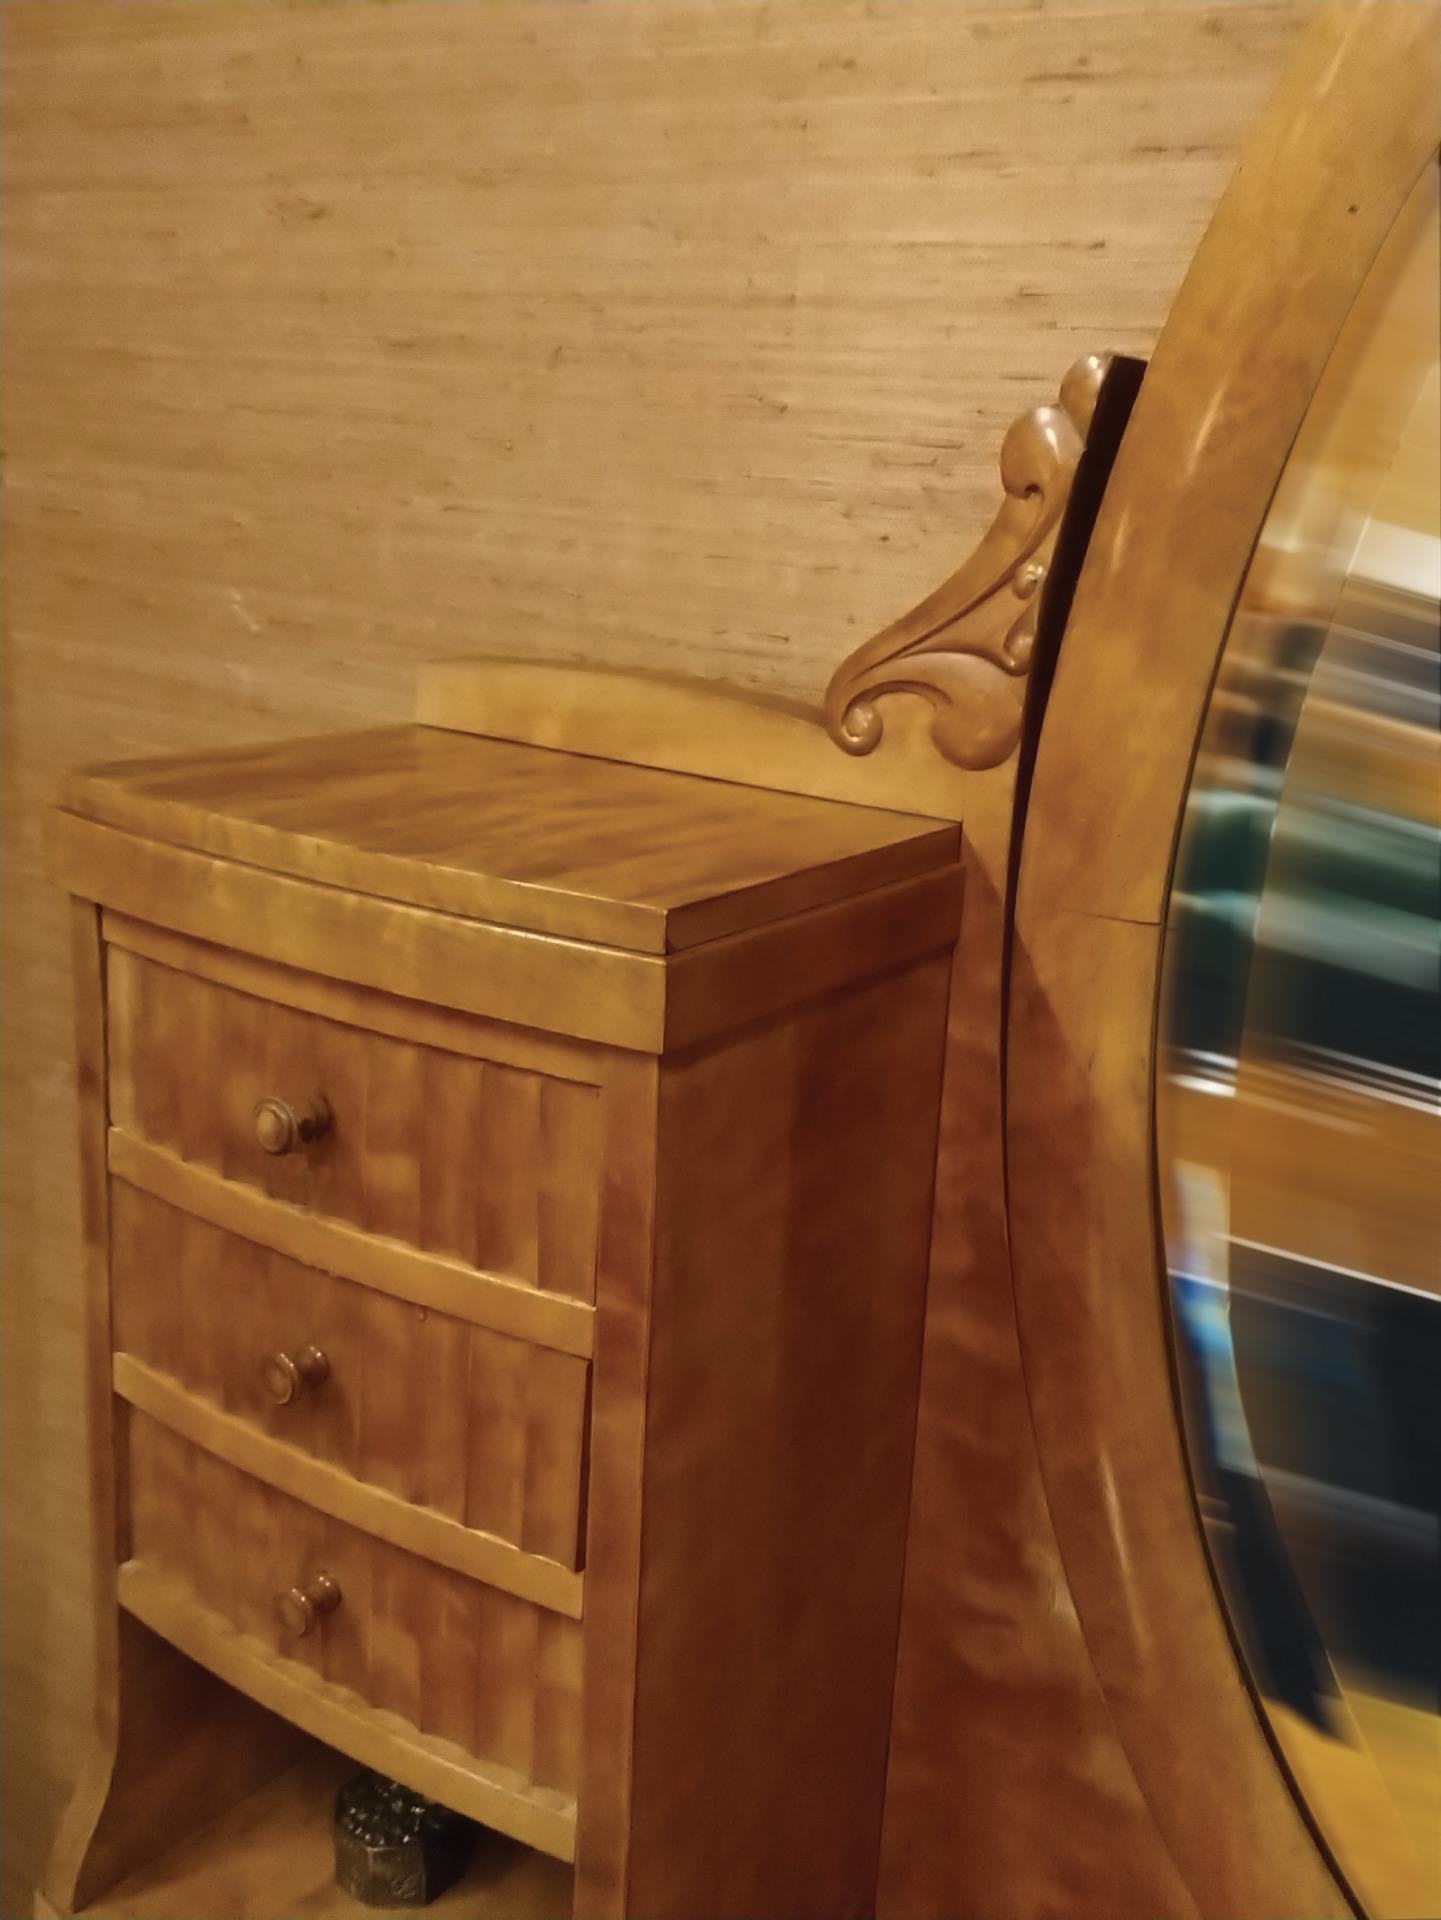 thumb3 Mobile toeletta in legno biondo